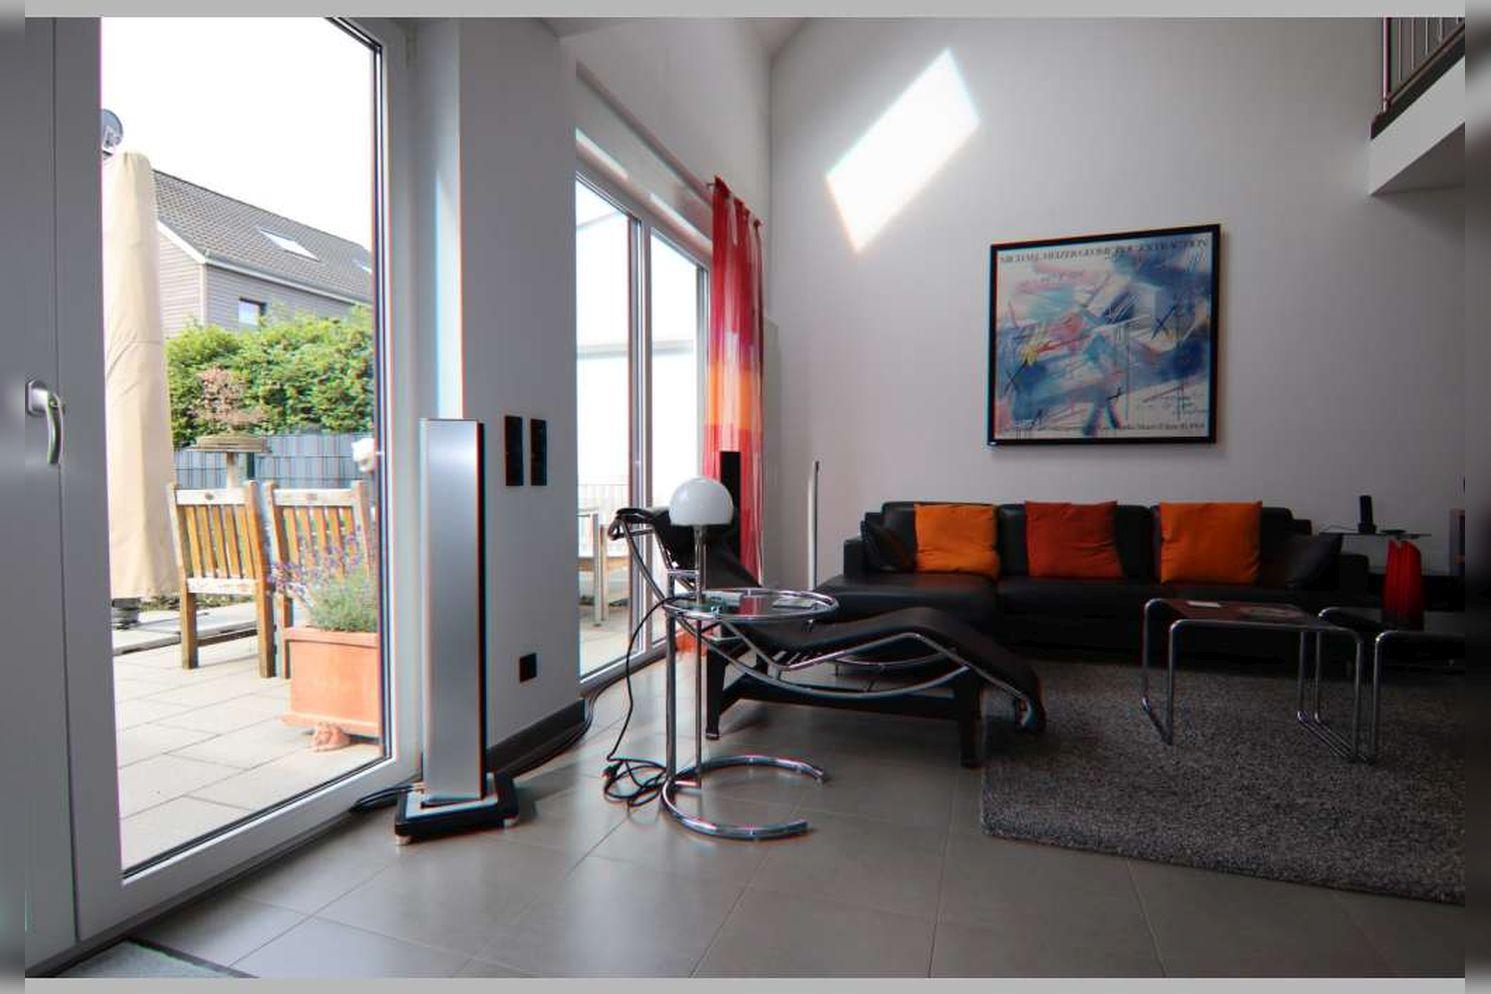 Immobilie Nr.0267 - Doppelhaushälfte mit 4 Zimmern, Küche, Diele, Badzimmer, Gäste-WC, Garten und Garage - nicht unterkellert - Bild 7.jpg